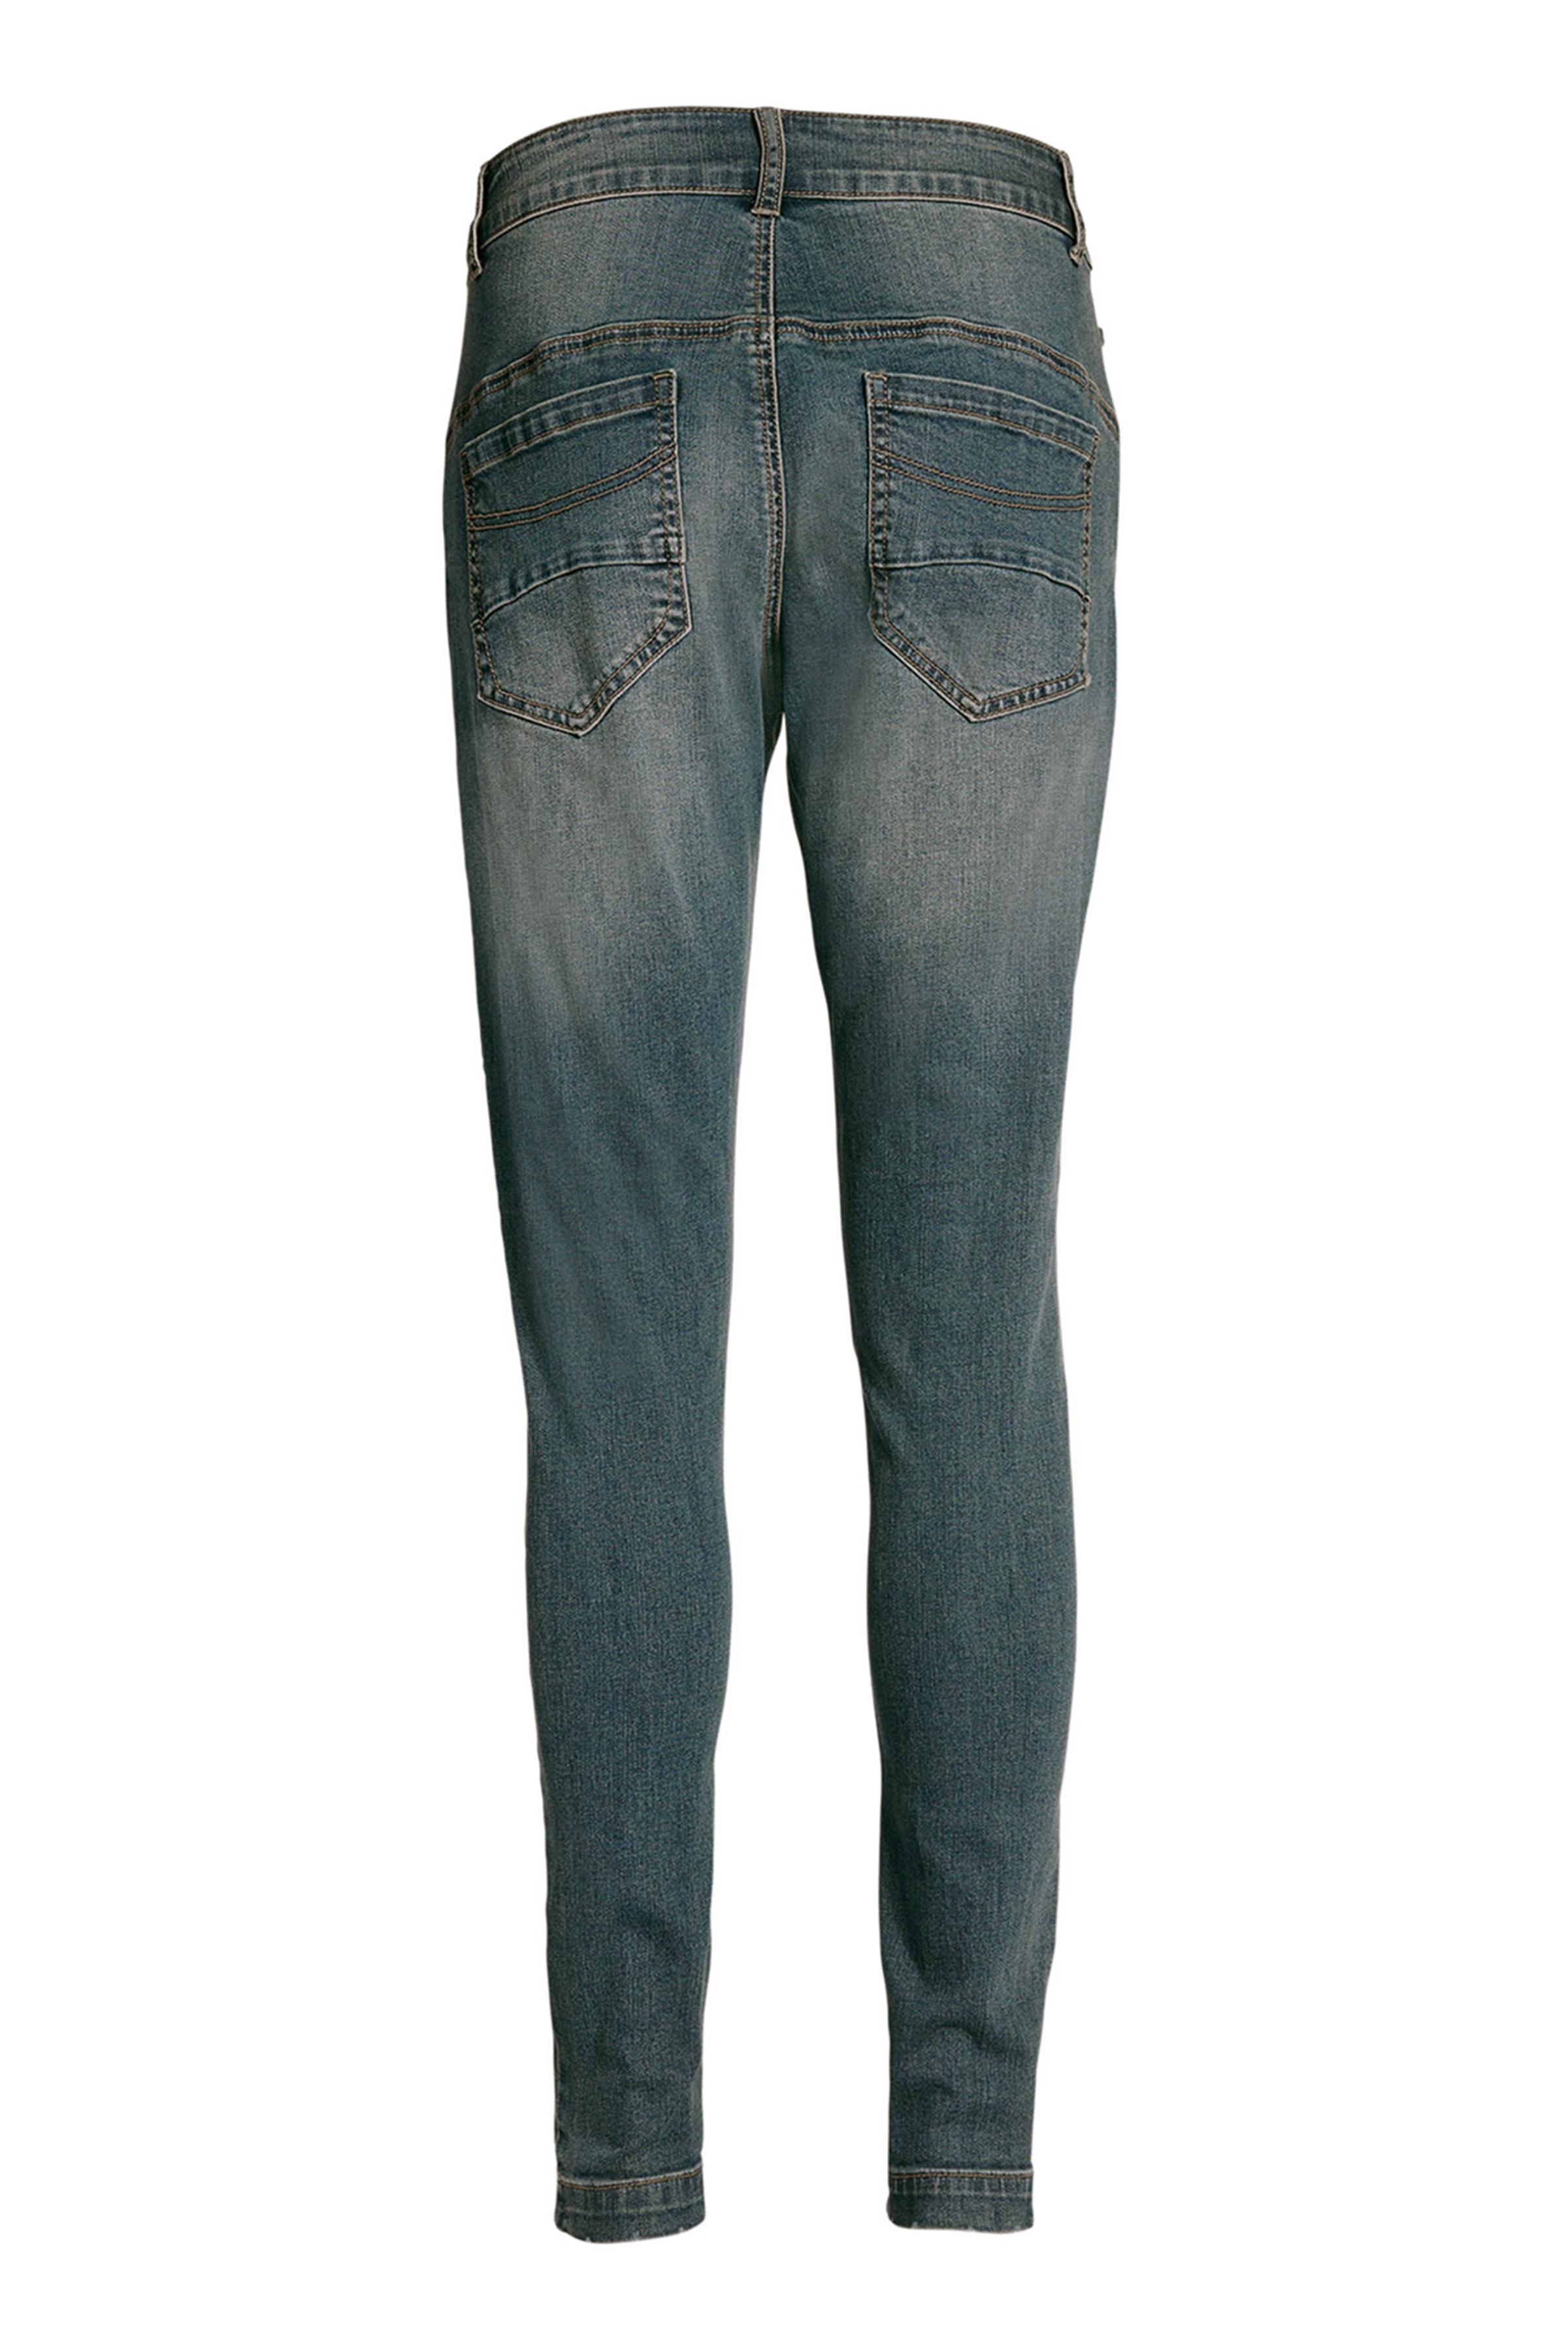 Denimblå Jeans fra Bon'A Parte – Køb Denimblå Jeans fra str. 34-54 her